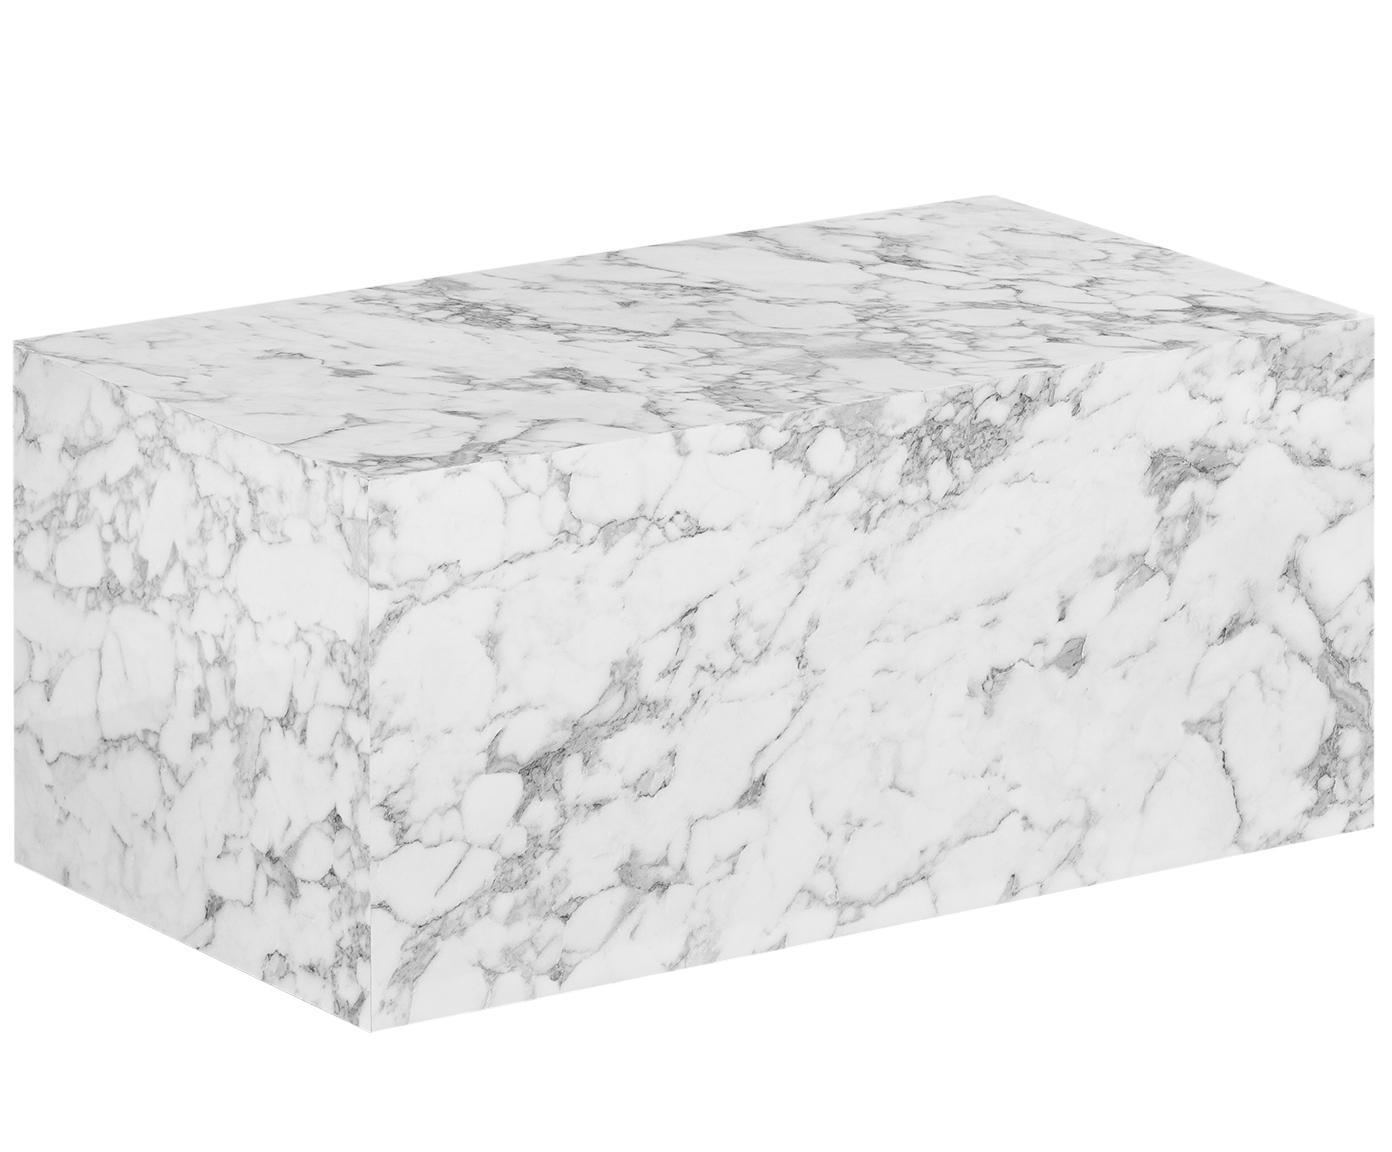 Couchtisch Lesley in Marmoroptik, Mitteldichte Holzfaserplatte (MDF), mit Melaminfolie überzogen, Weiß, marmoriert, B 90 x T 50 cm